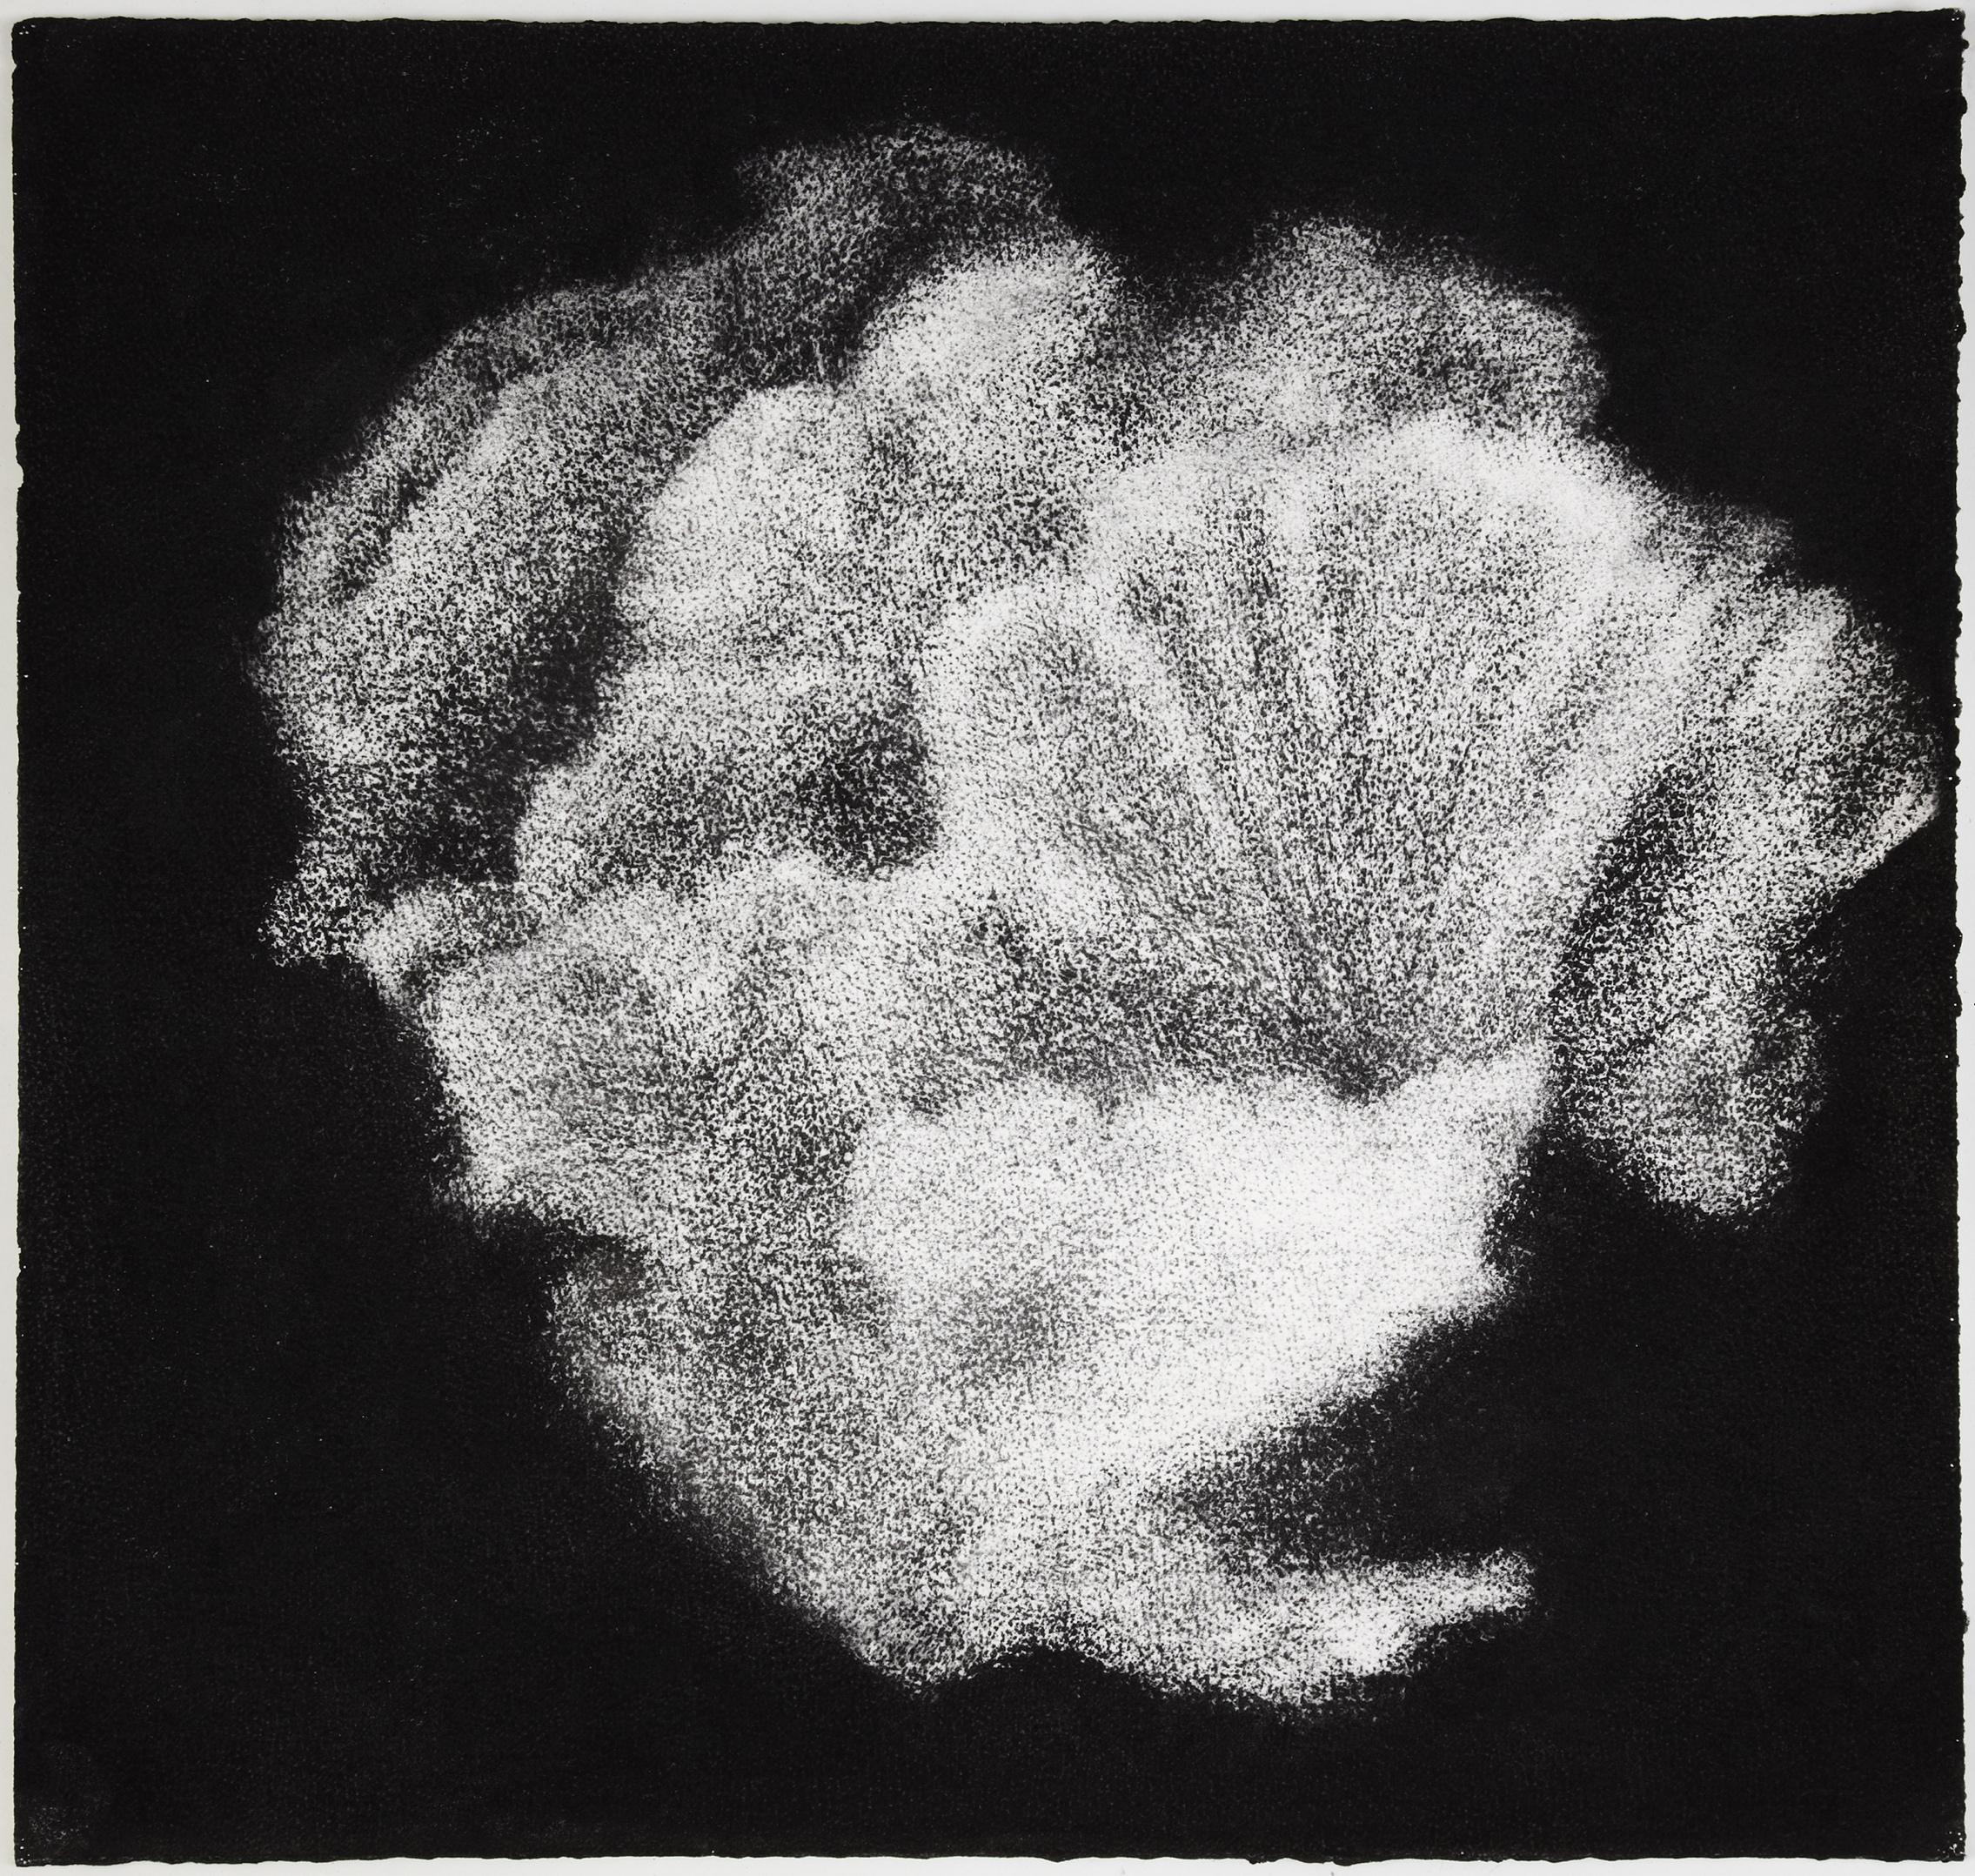 Sea sponge, 2012,charcoal on paper, 57 x 60 cm